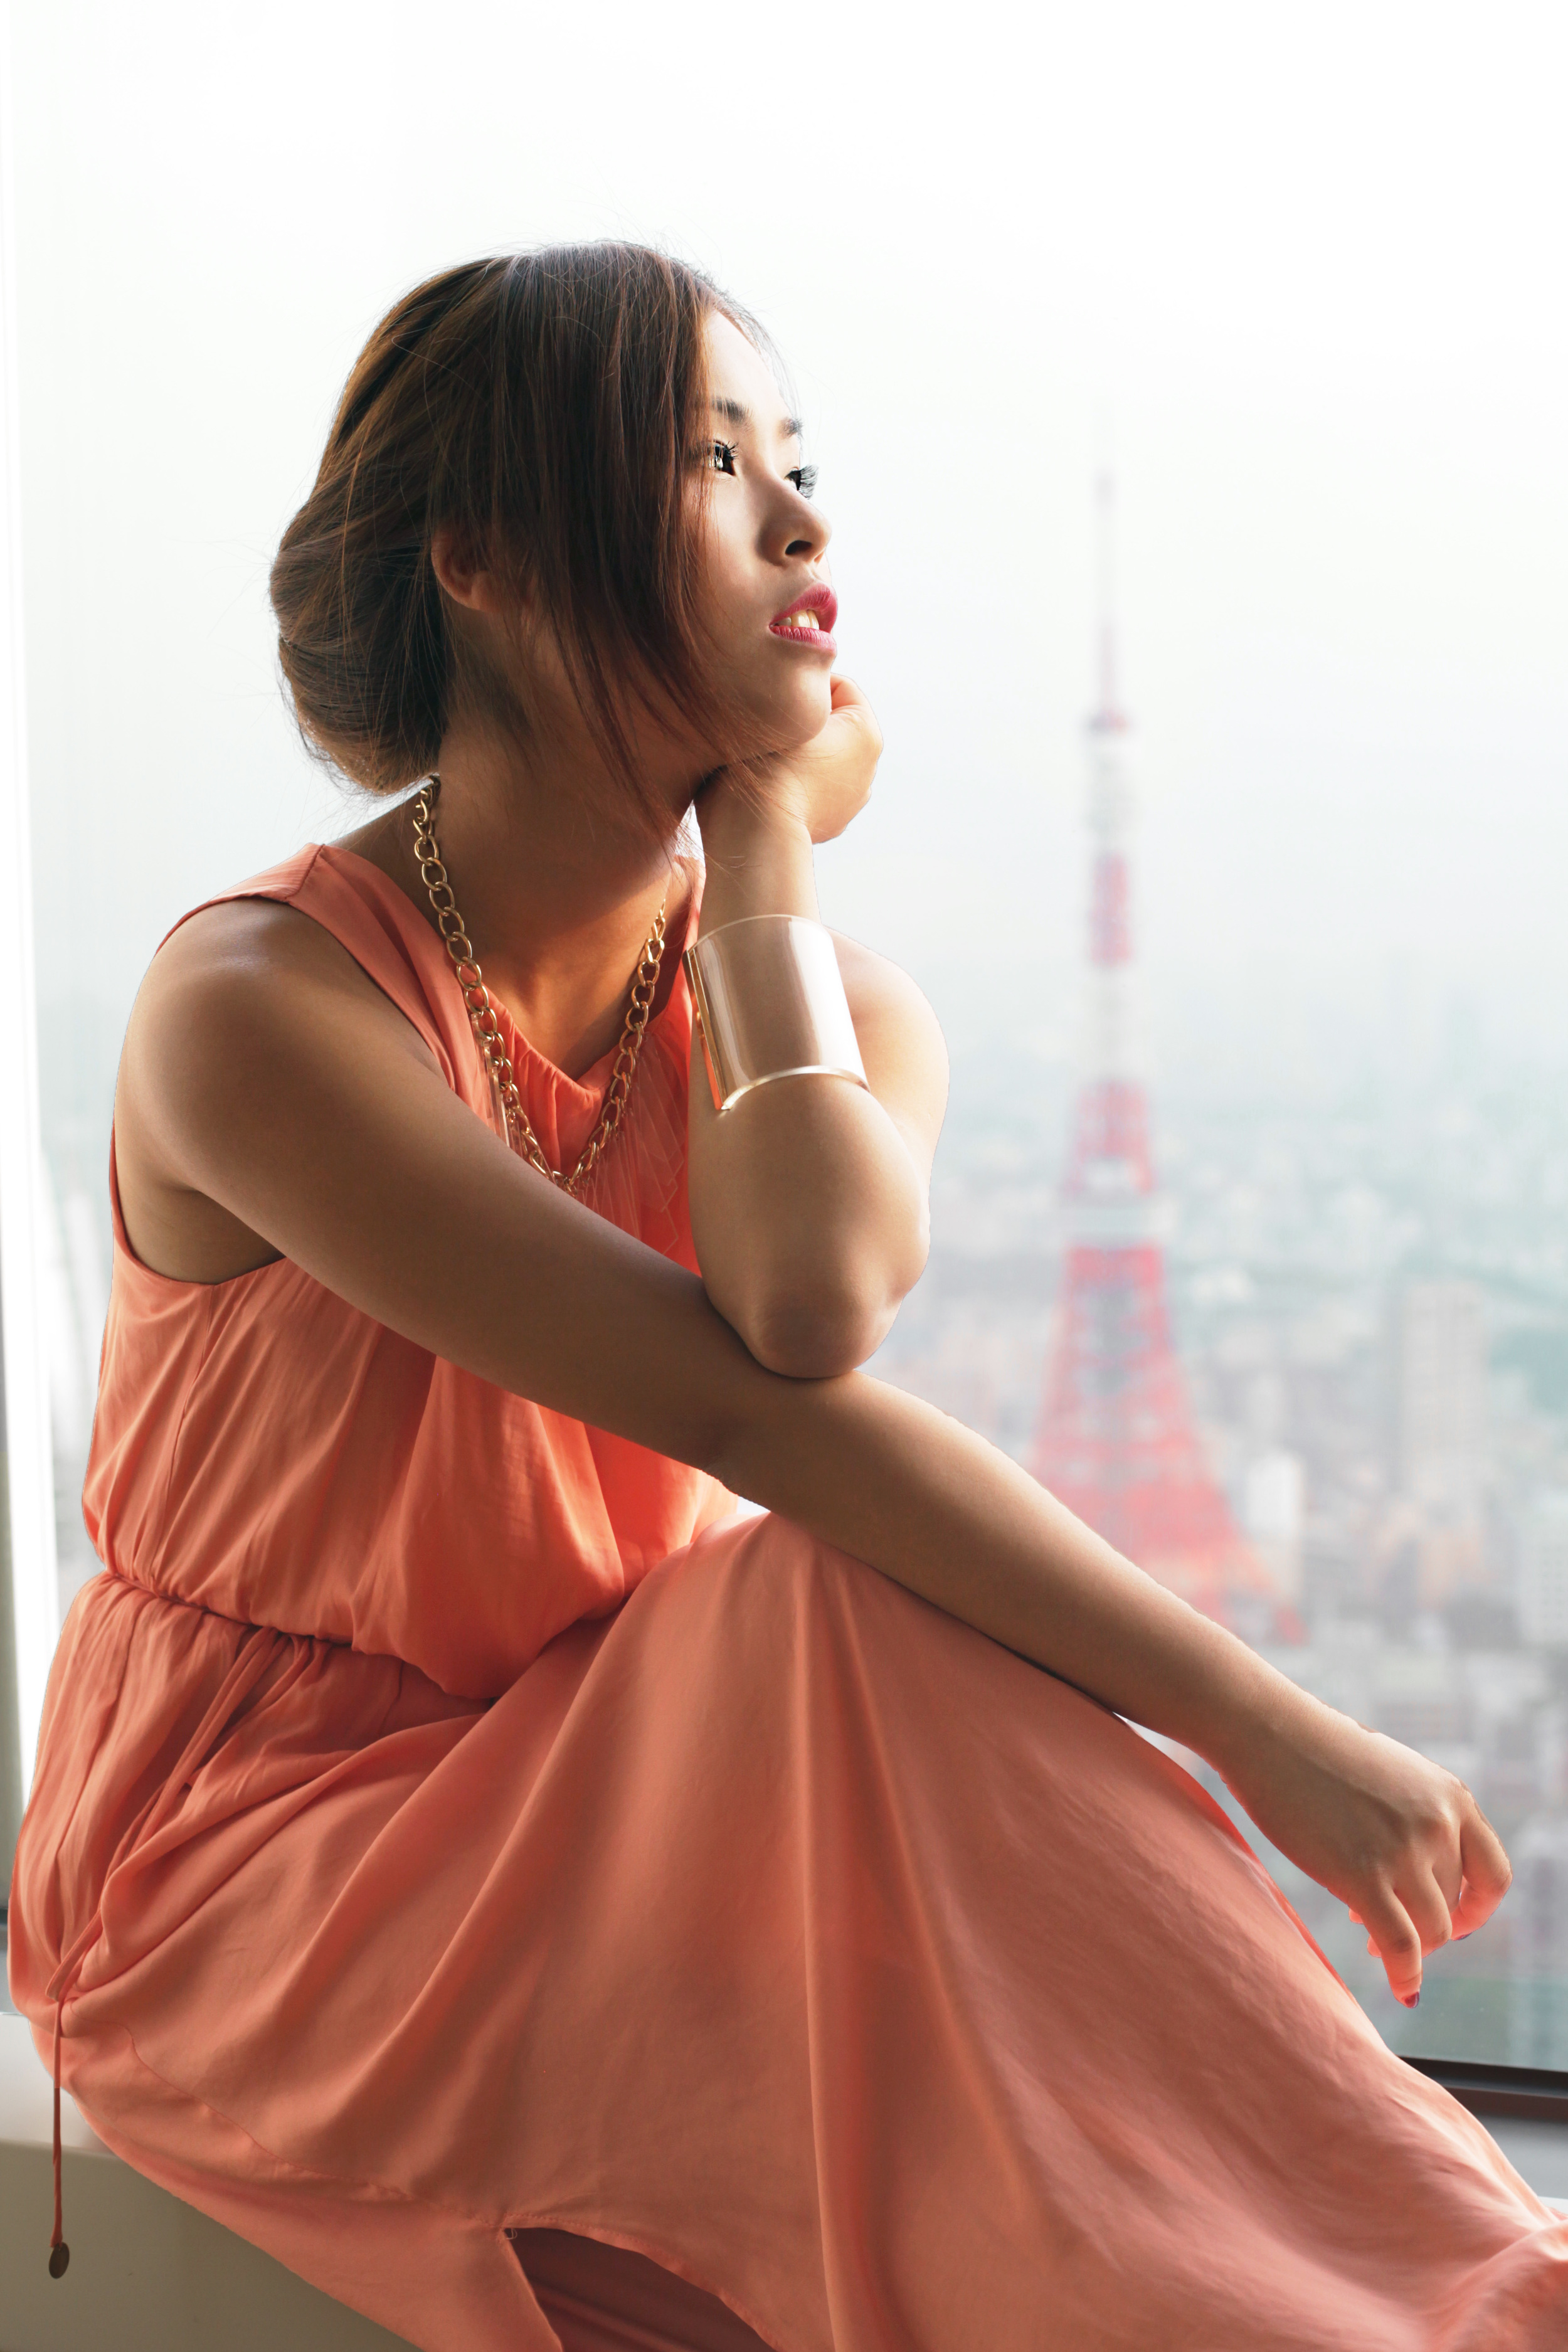 Sophia Kayee Wong shot by Brian HK Chan (BCHK)